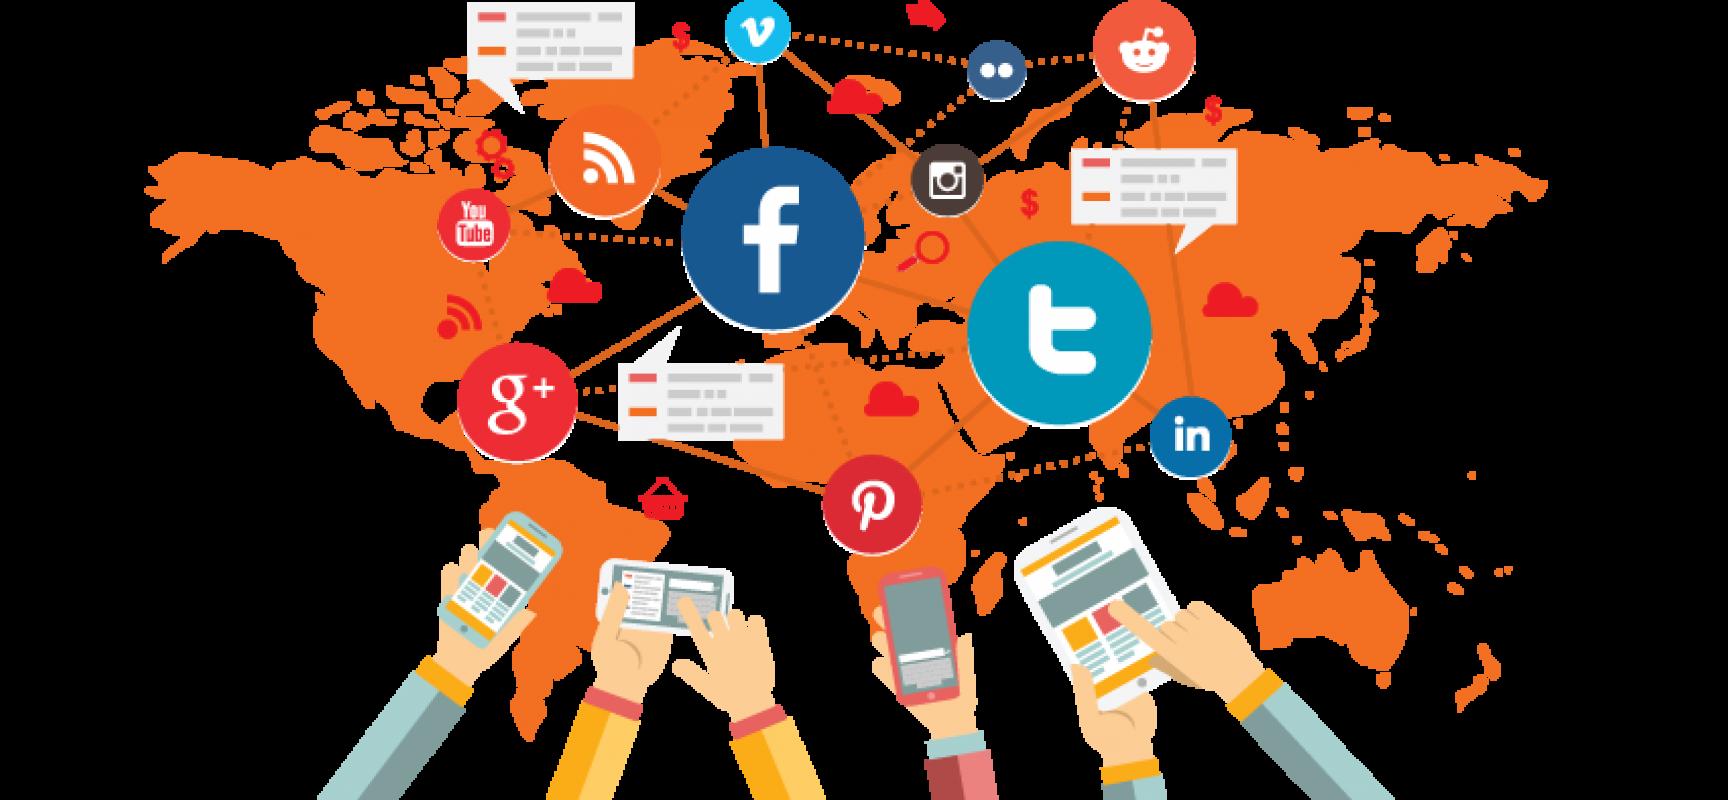 Social Media Marketing Social Media Management